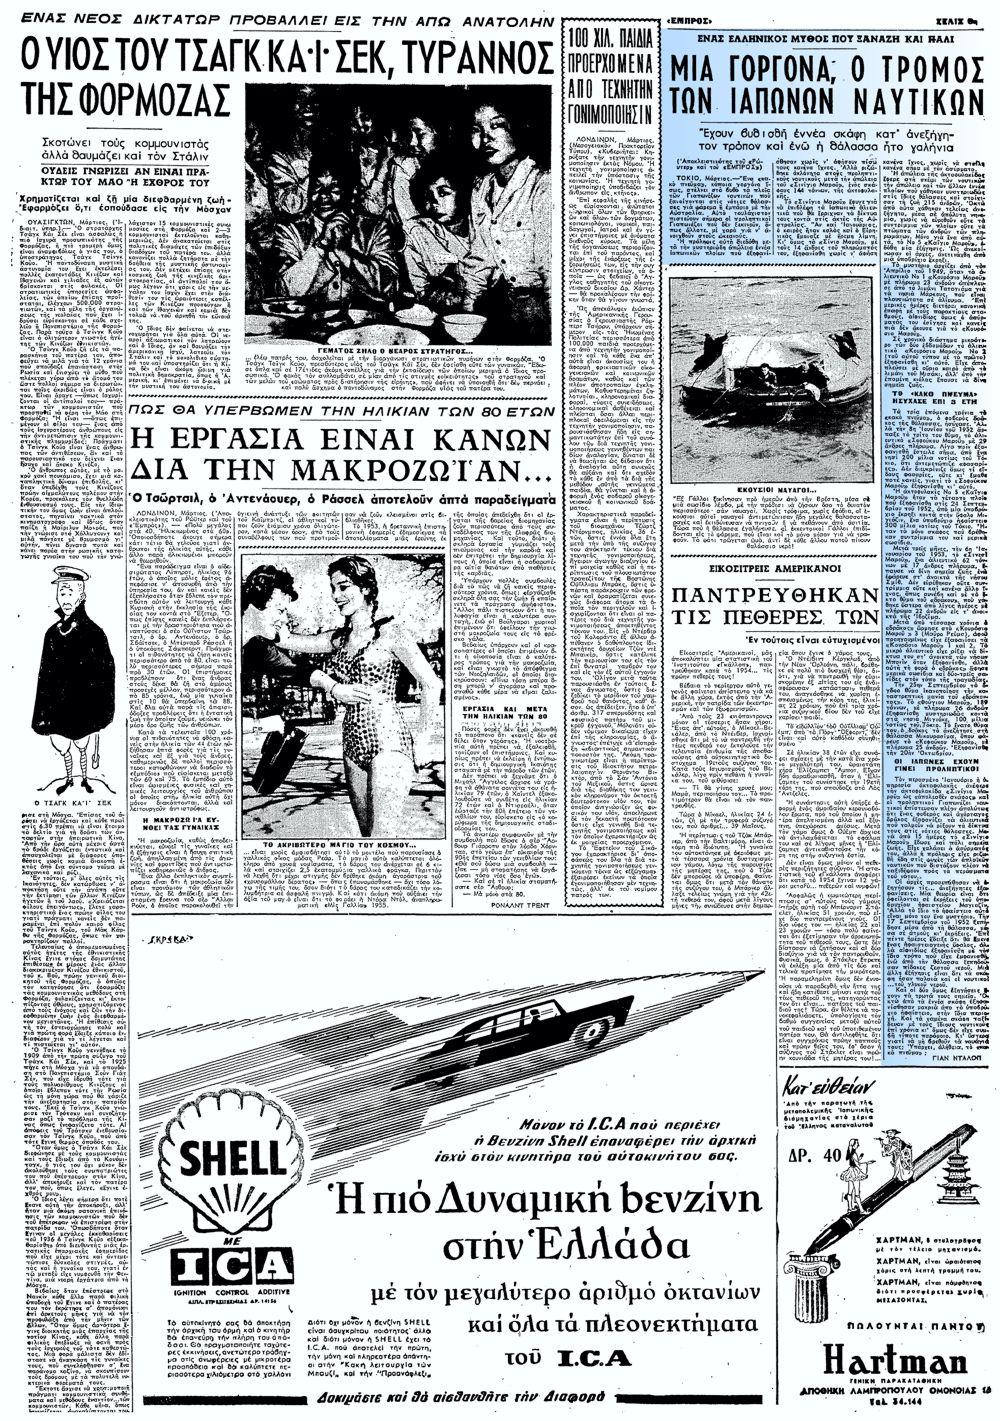 """Το άρθρο, όπως δημοσιεύθηκε στην εφημερίδα """"ΕΜΠΡΟΣ"""", στις 02/04/1955"""